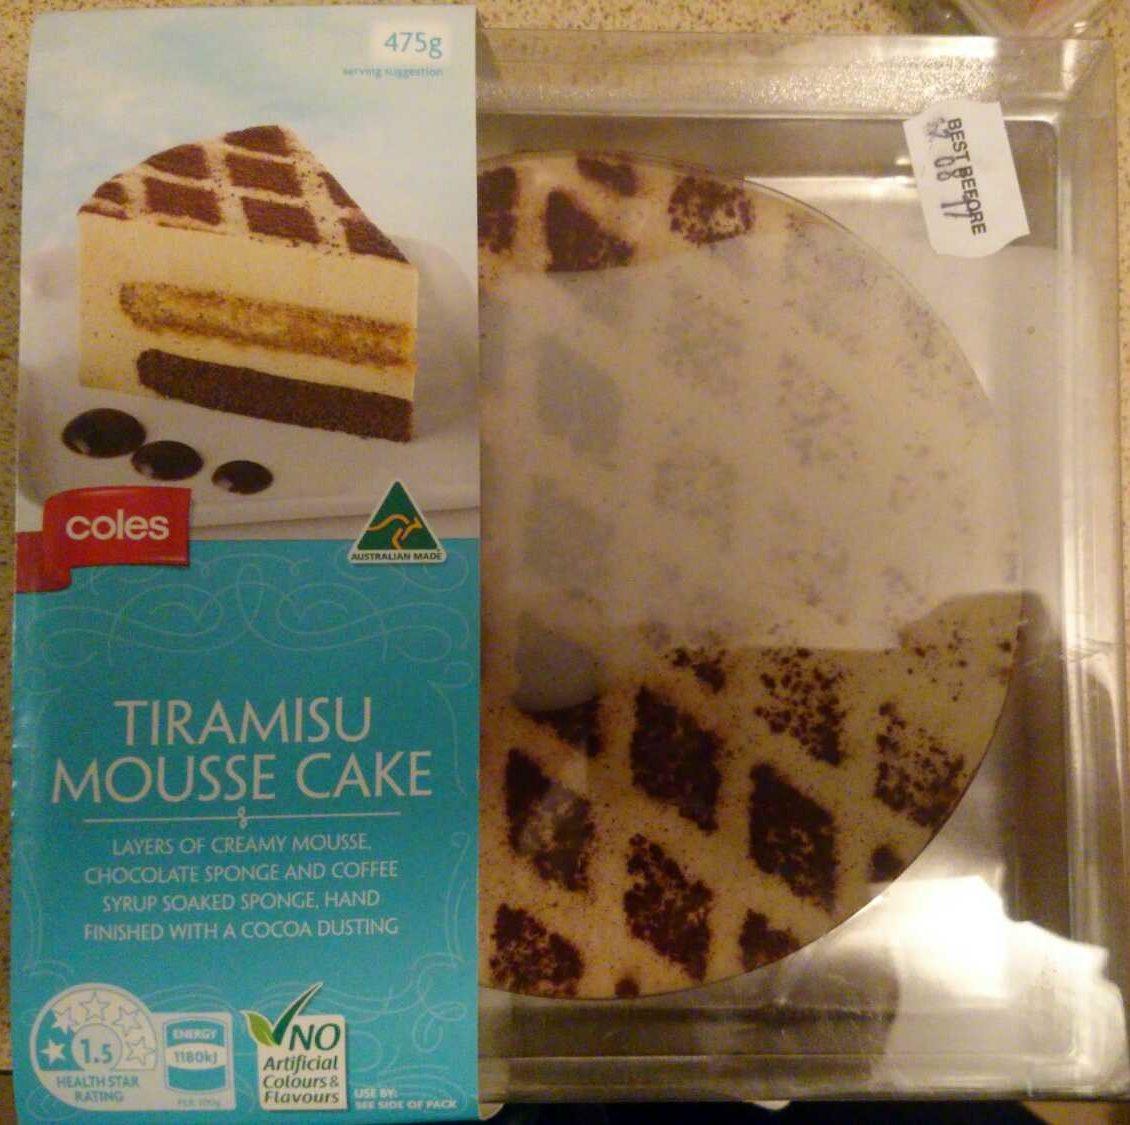 Tiramisu mousse cake - Product - en